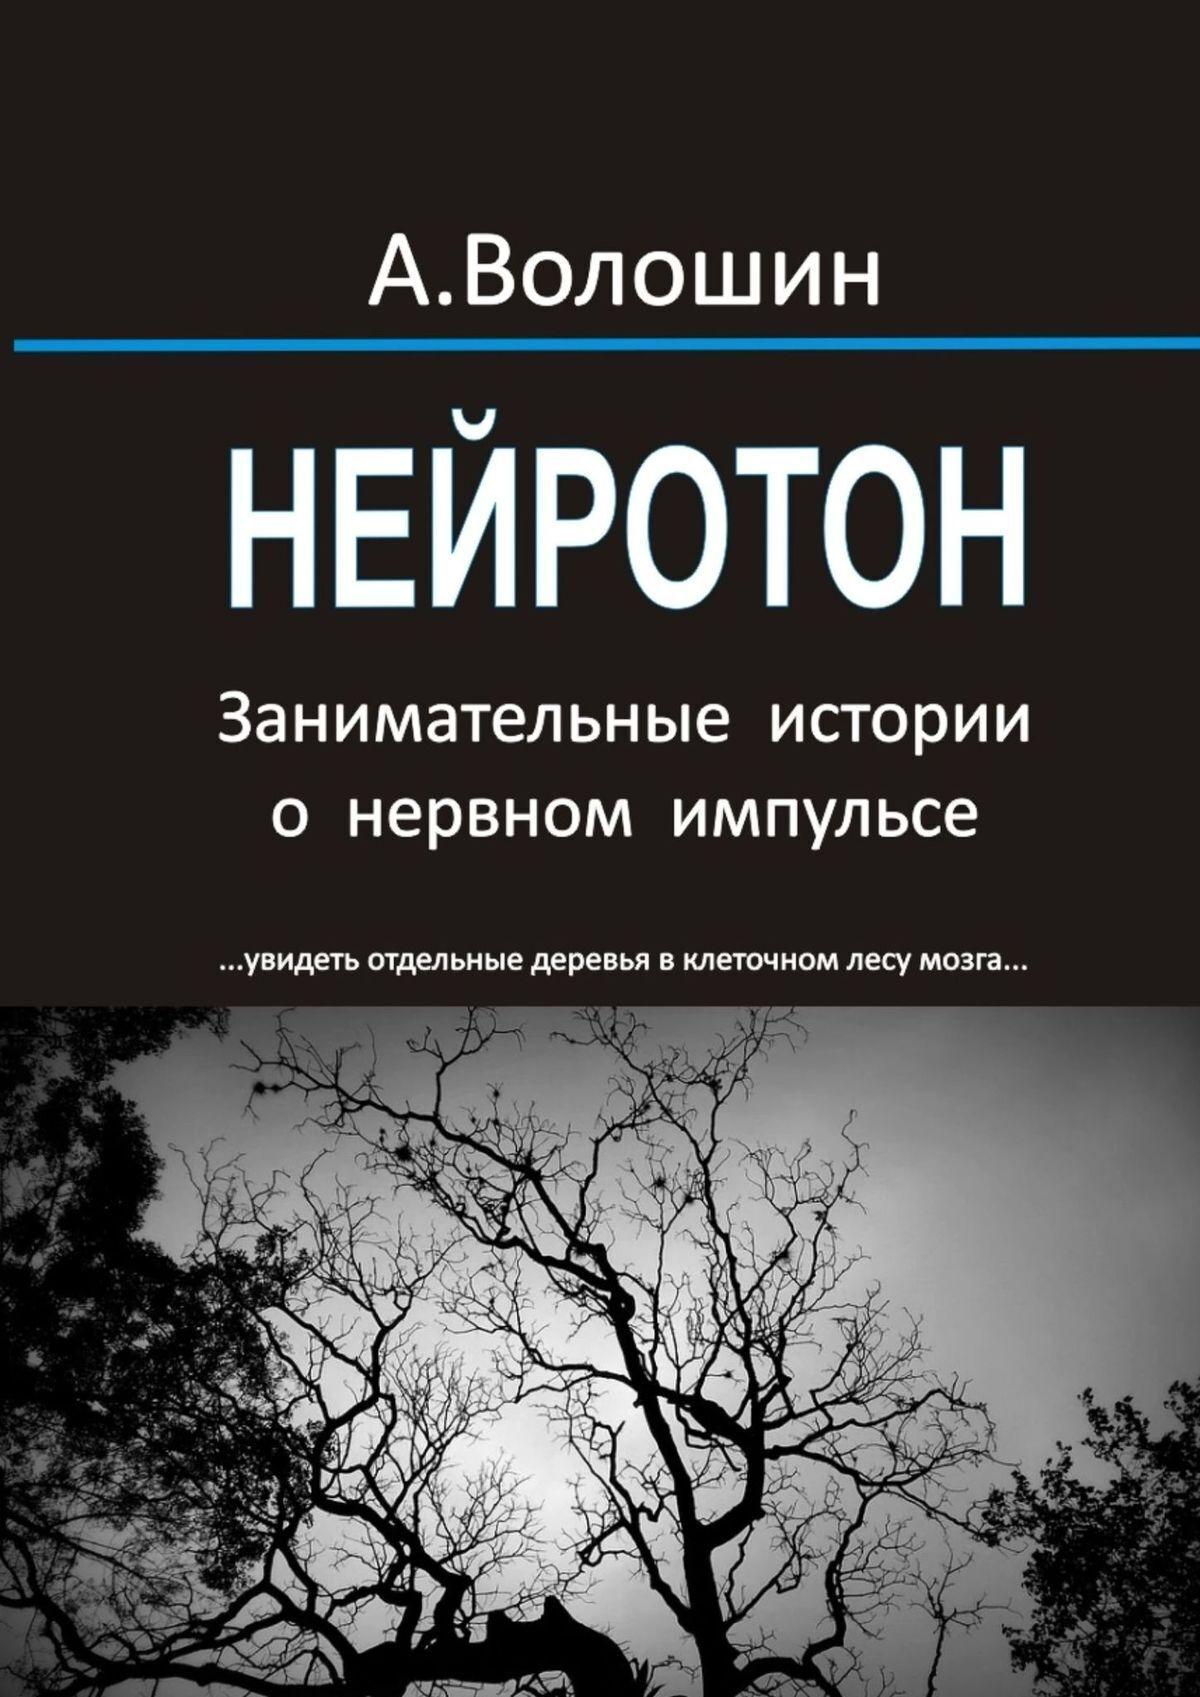 Александр Иванович Волошин Нейротон. Занимательные истории о нервном импульсе